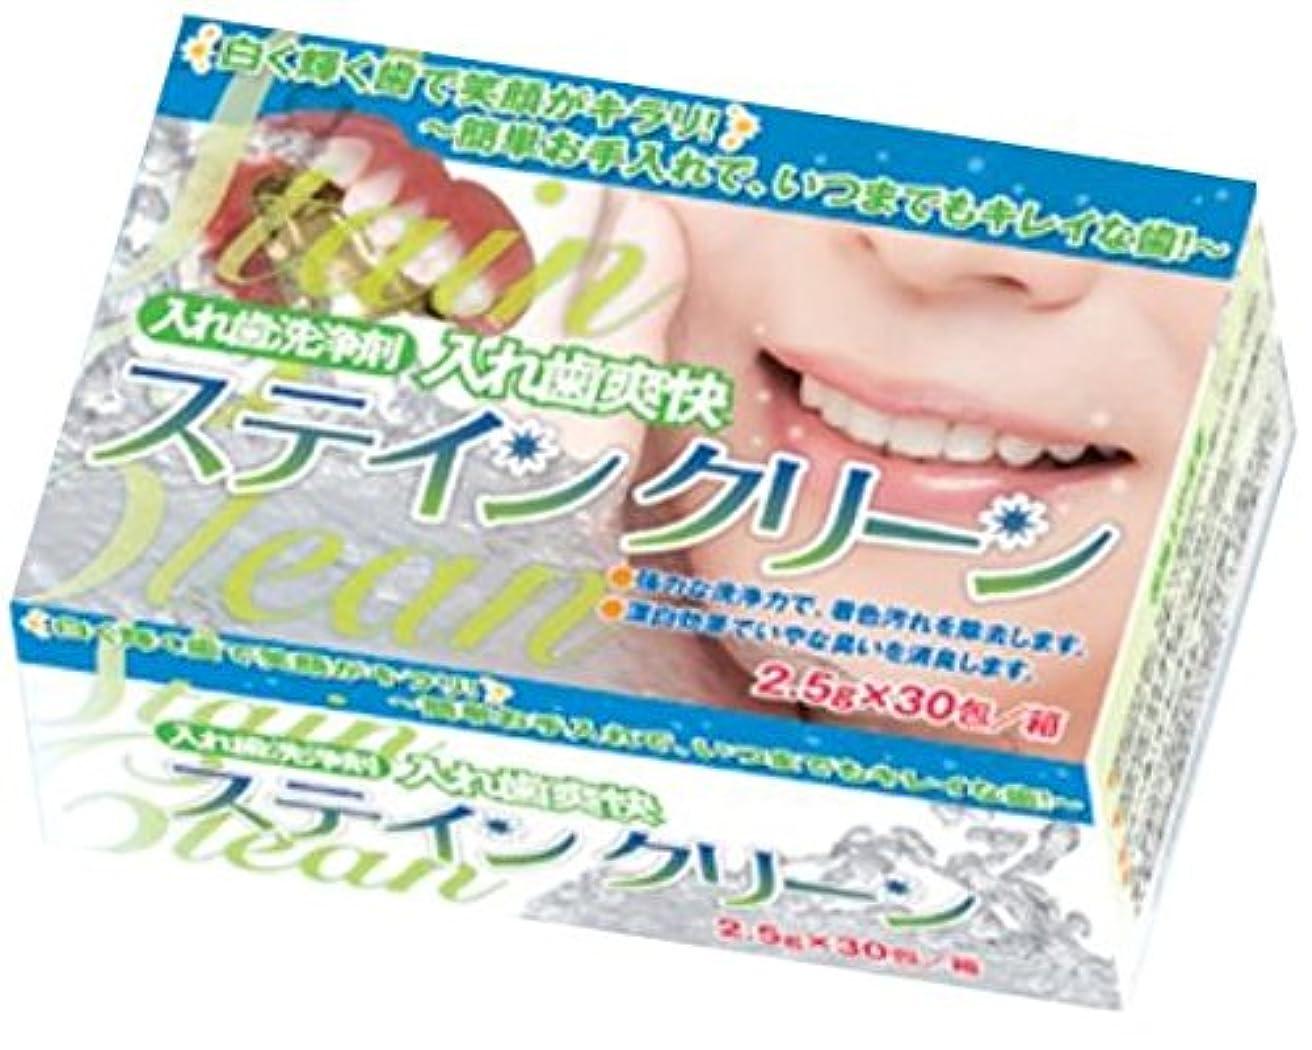 出発する謝罪する睡眠入れ歯爽快 ステインクリーン 1箱(2.5g × 30包入り) 歯科医院専売品 (1箱)